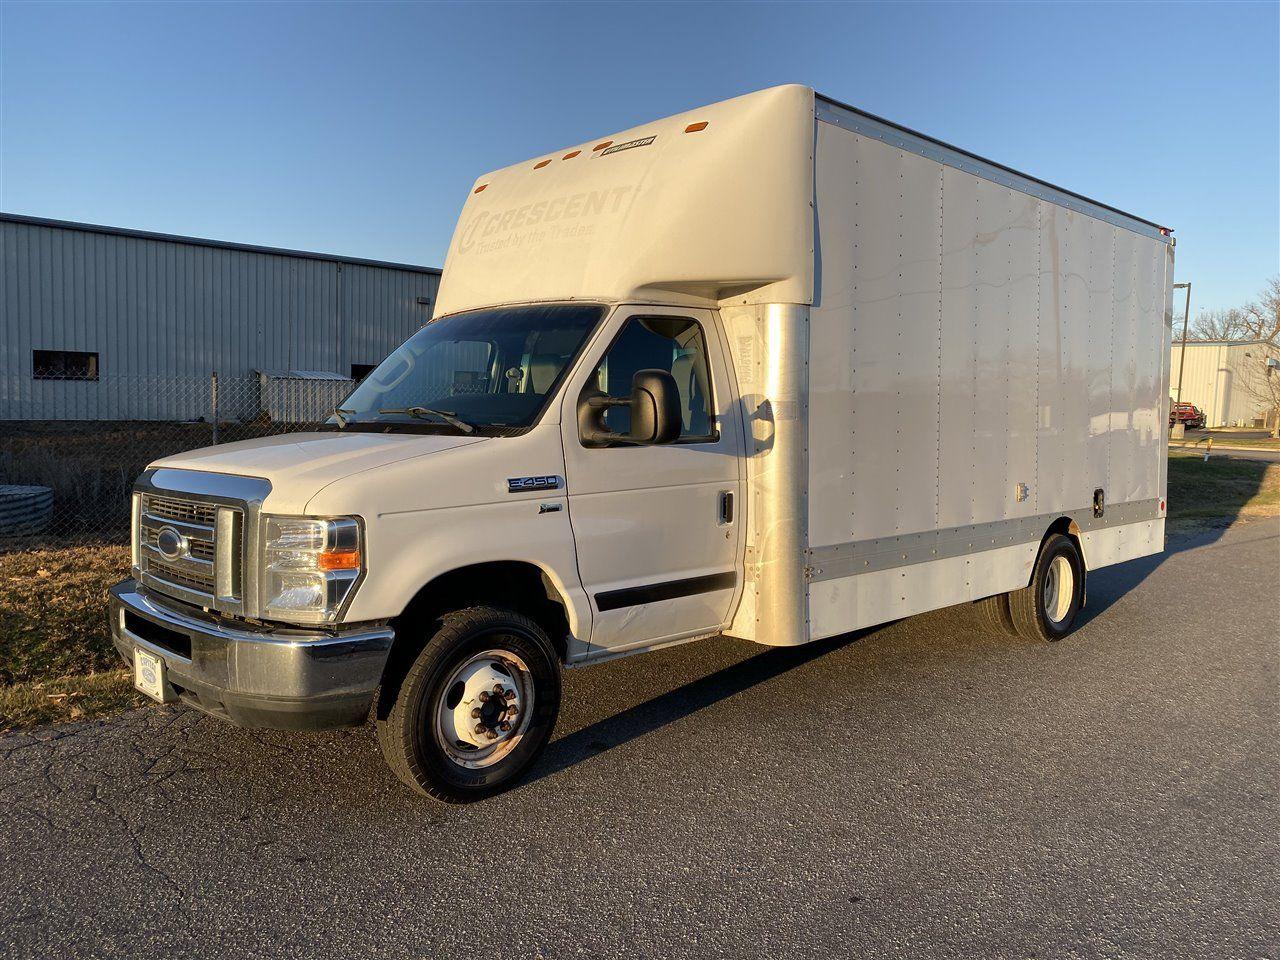 2013 Ford E450 Super Duty Dually Heavy Duty Box Truck